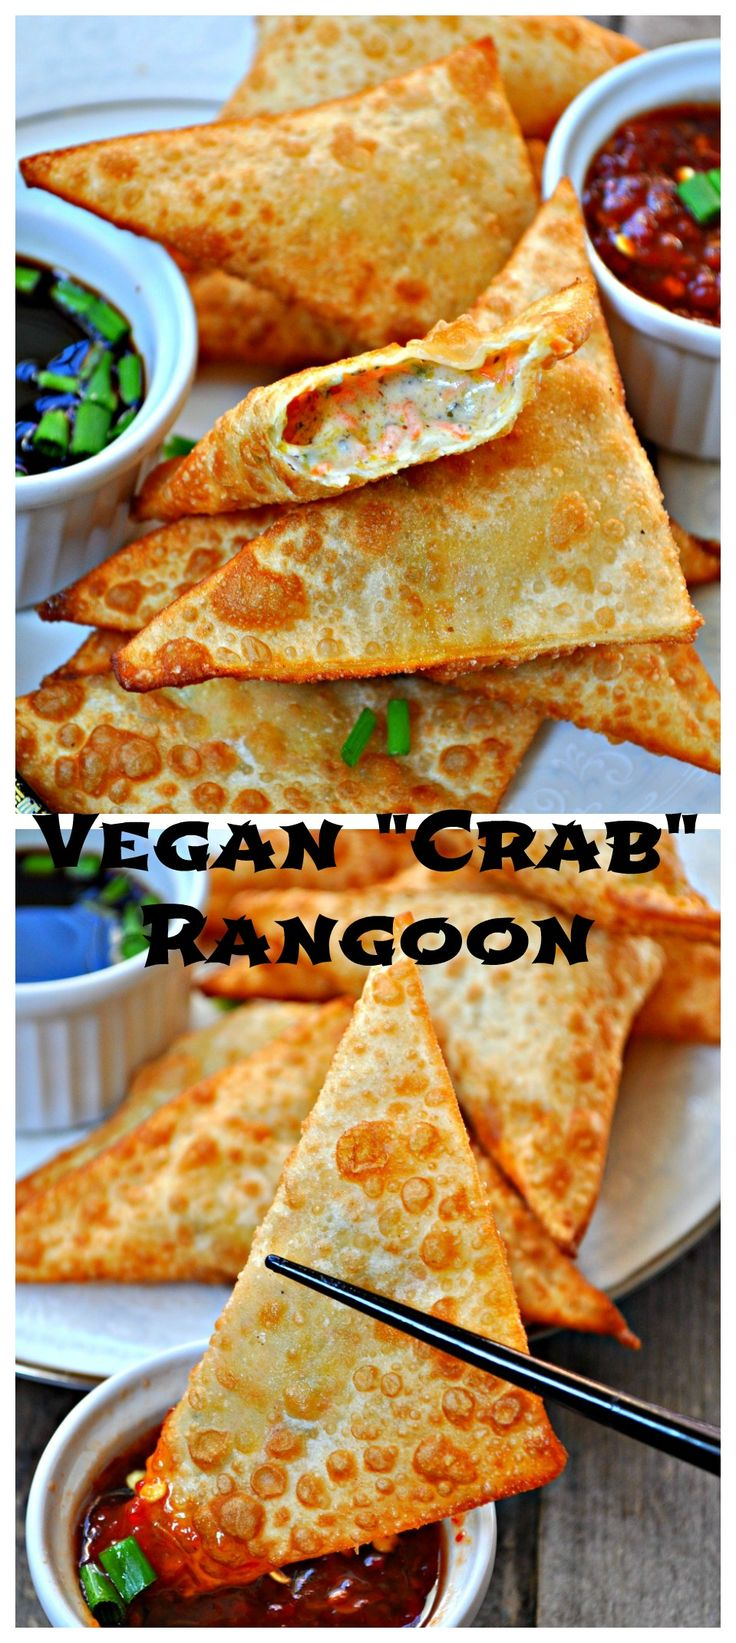 Vegan Crab Rangoon